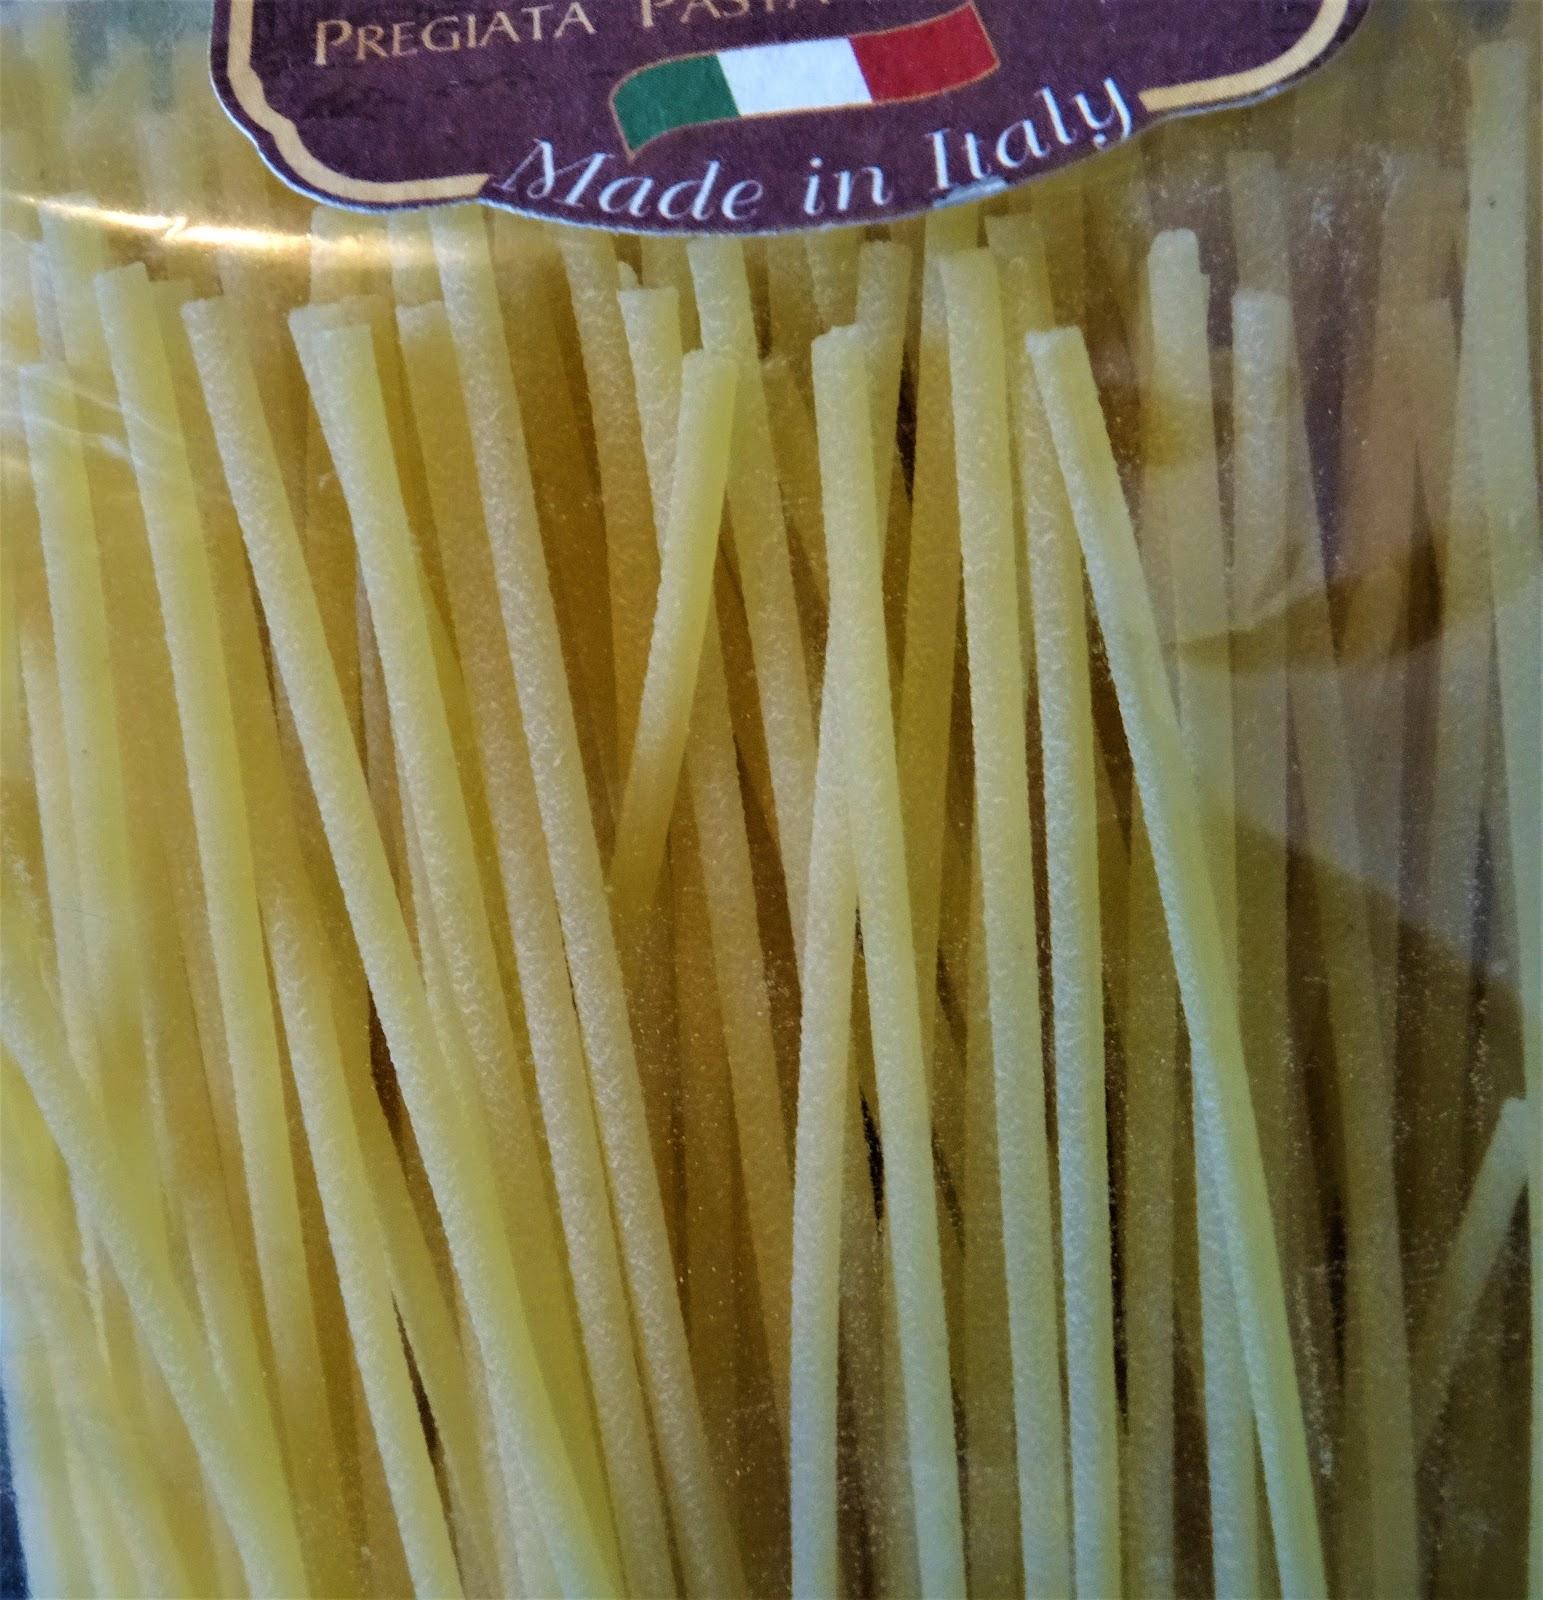 italien ganz pers nlich f r dich pasta das nahrungsmittel nr 1 in italien. Black Bedroom Furniture Sets. Home Design Ideas